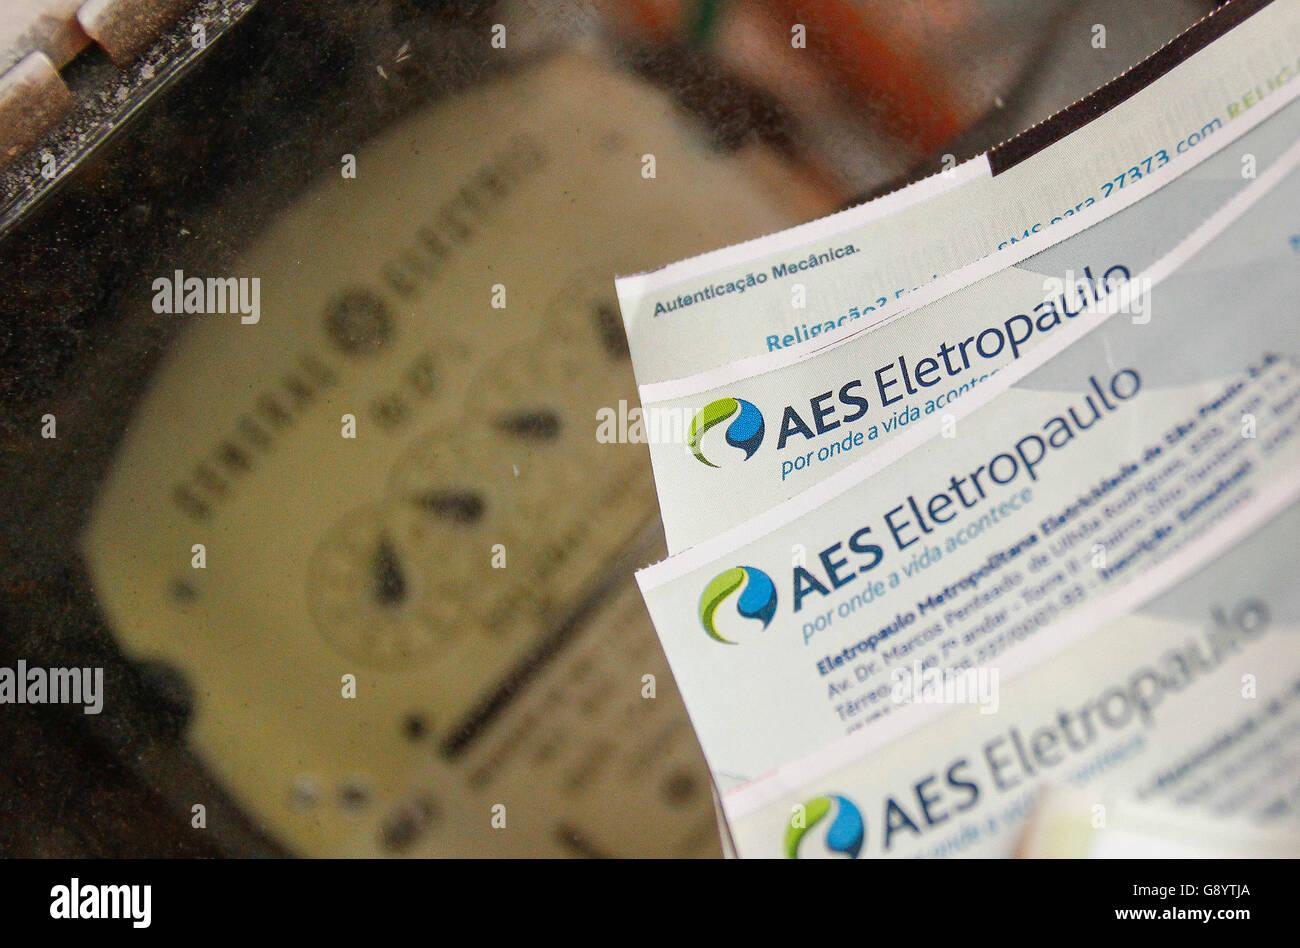 SAO PAULO, Brasil - 06/30/2016: REDUCCIÓN DE LUZ DE CUENTAS - La factura de electricidad se reducirá en la recaudación de los importes a partir del lunes (4) para que los residentes de la capital del estado y 23 de otras ciudades en la región metropolitana. Que beneficiará a 6,9 millones de hogares y empresas atendidas por AES Eletropaulo. La junta de la ANEEL (Agencia reguladora de electricidad brasileña) aprobó en una reunión celebrada el martes (28), una reducción media del 7,3% para los hogares y las empresas. Para las industrias y los grandes consumidores. (Foto: Aloisio Mauricio / FotoArena) Foto de stock